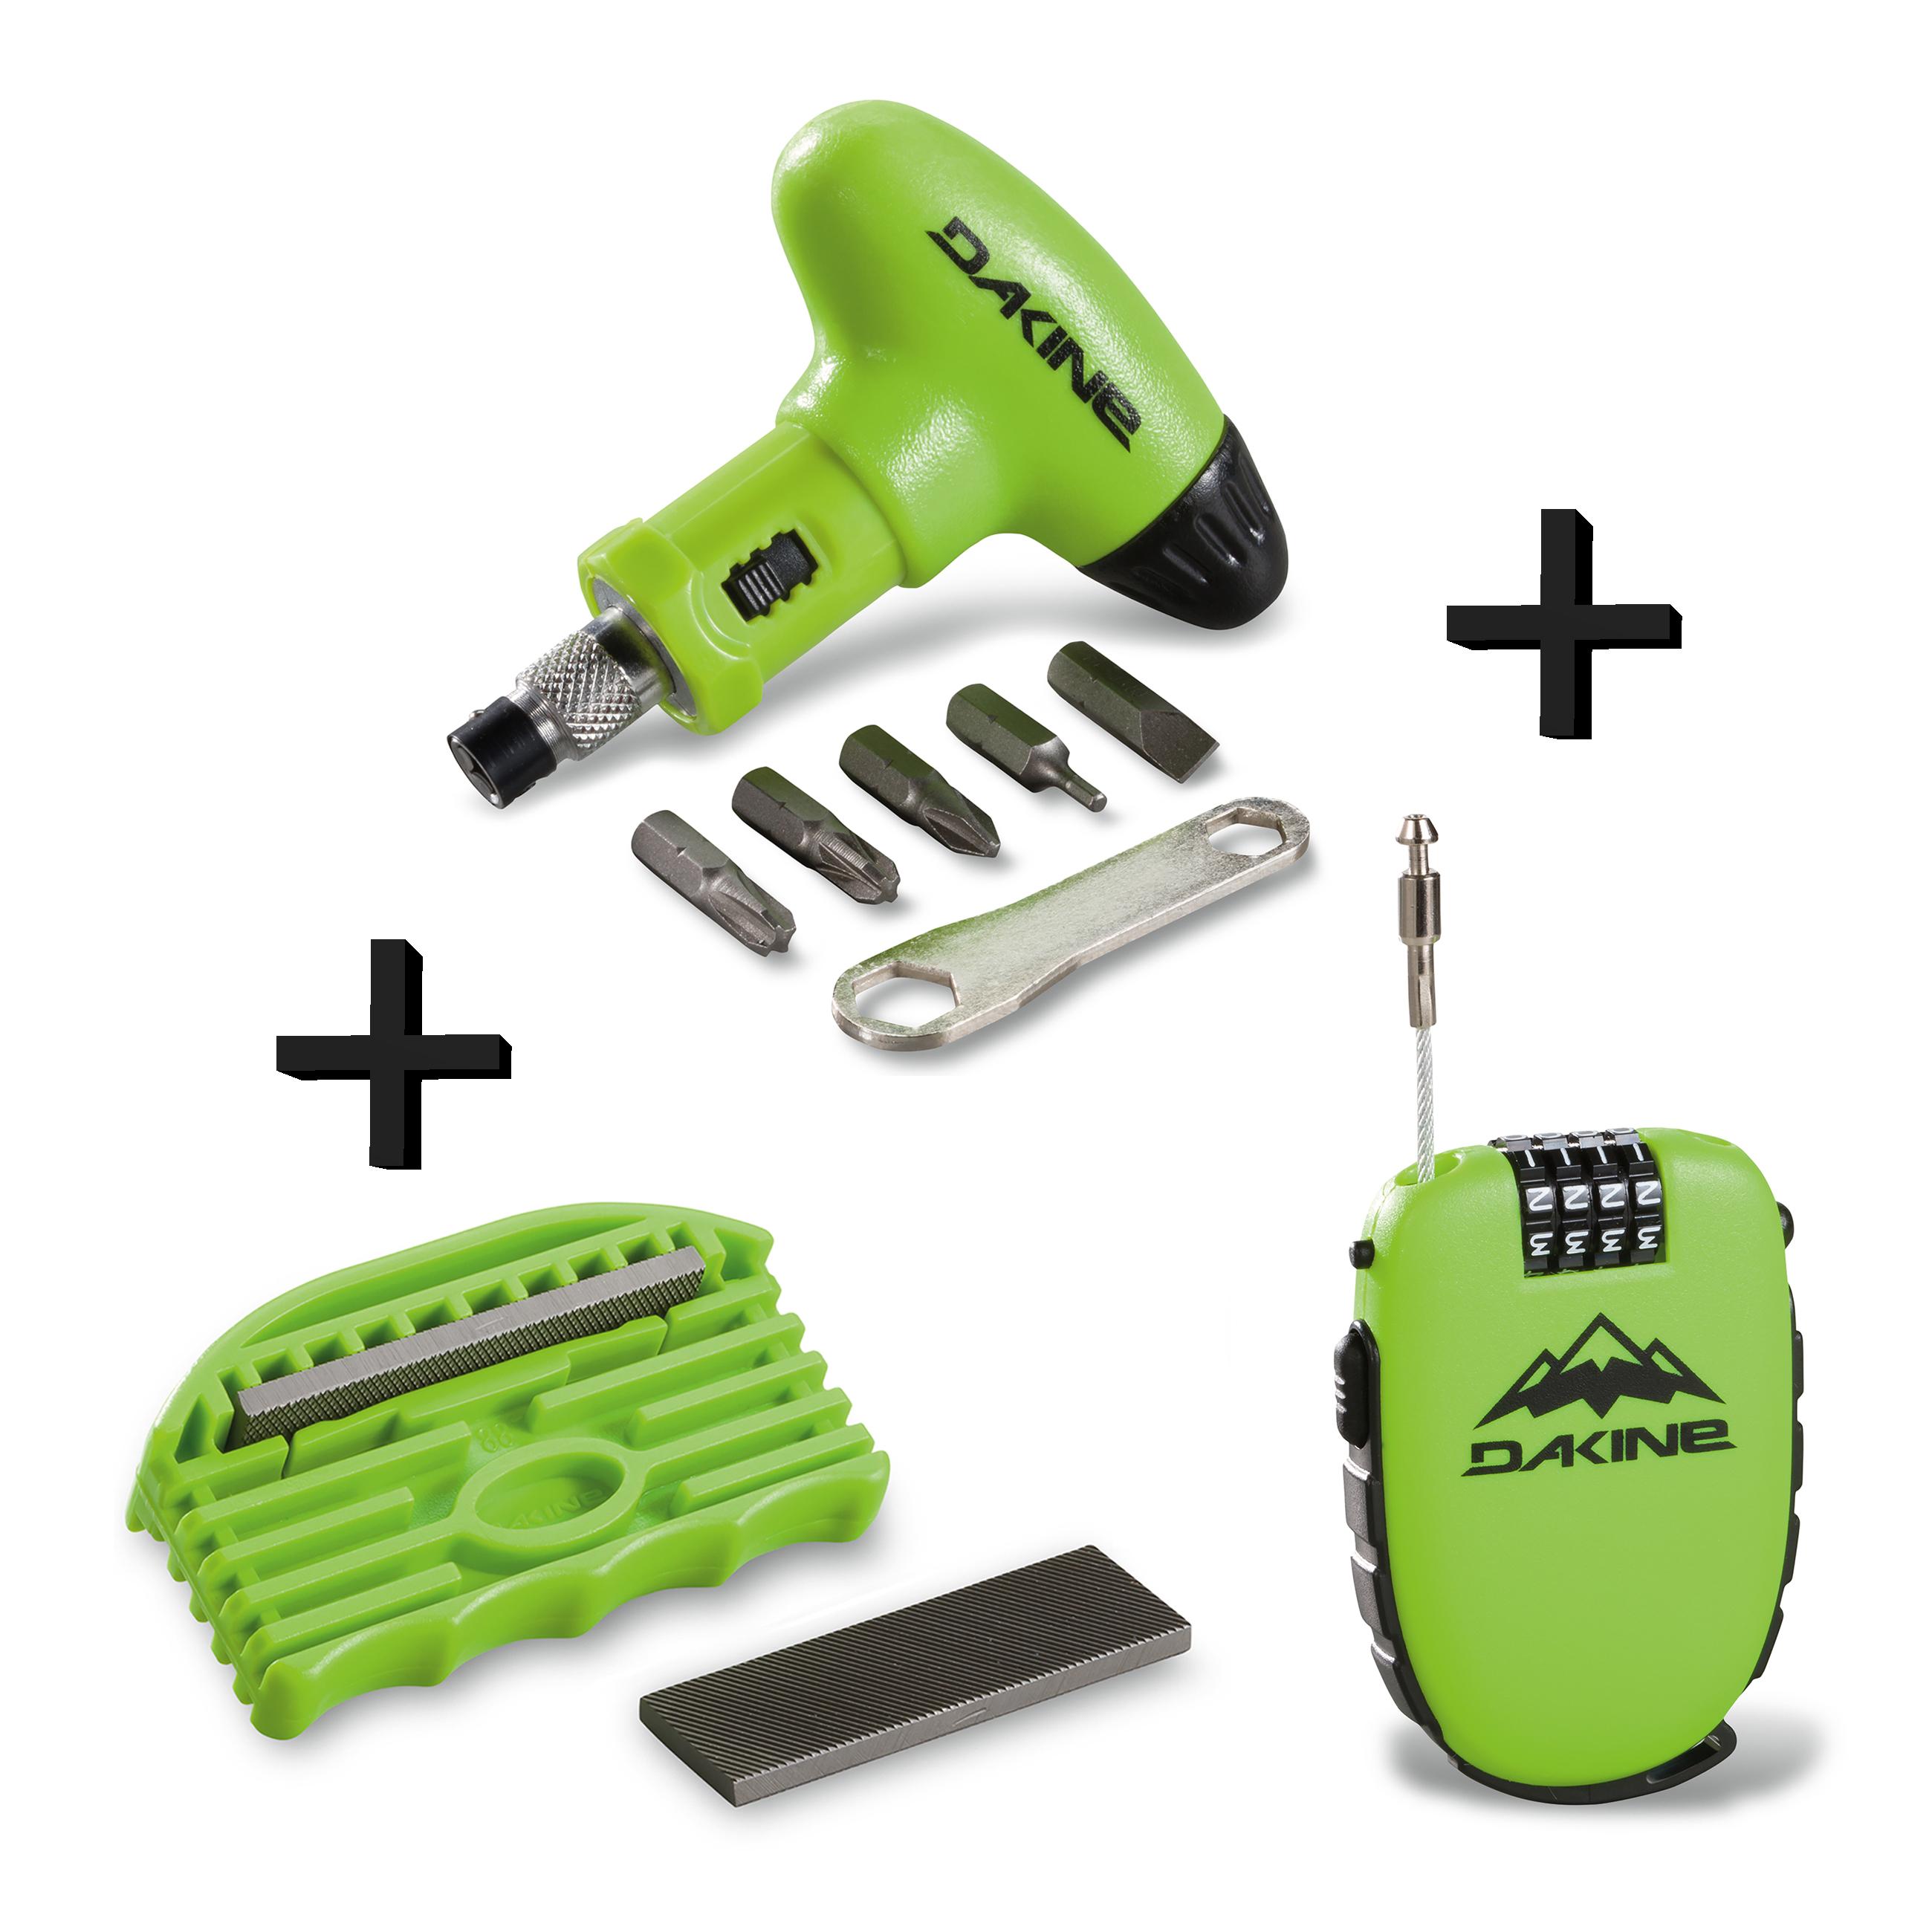 Dakine Micro Lock Snowboard Tool One Size Green